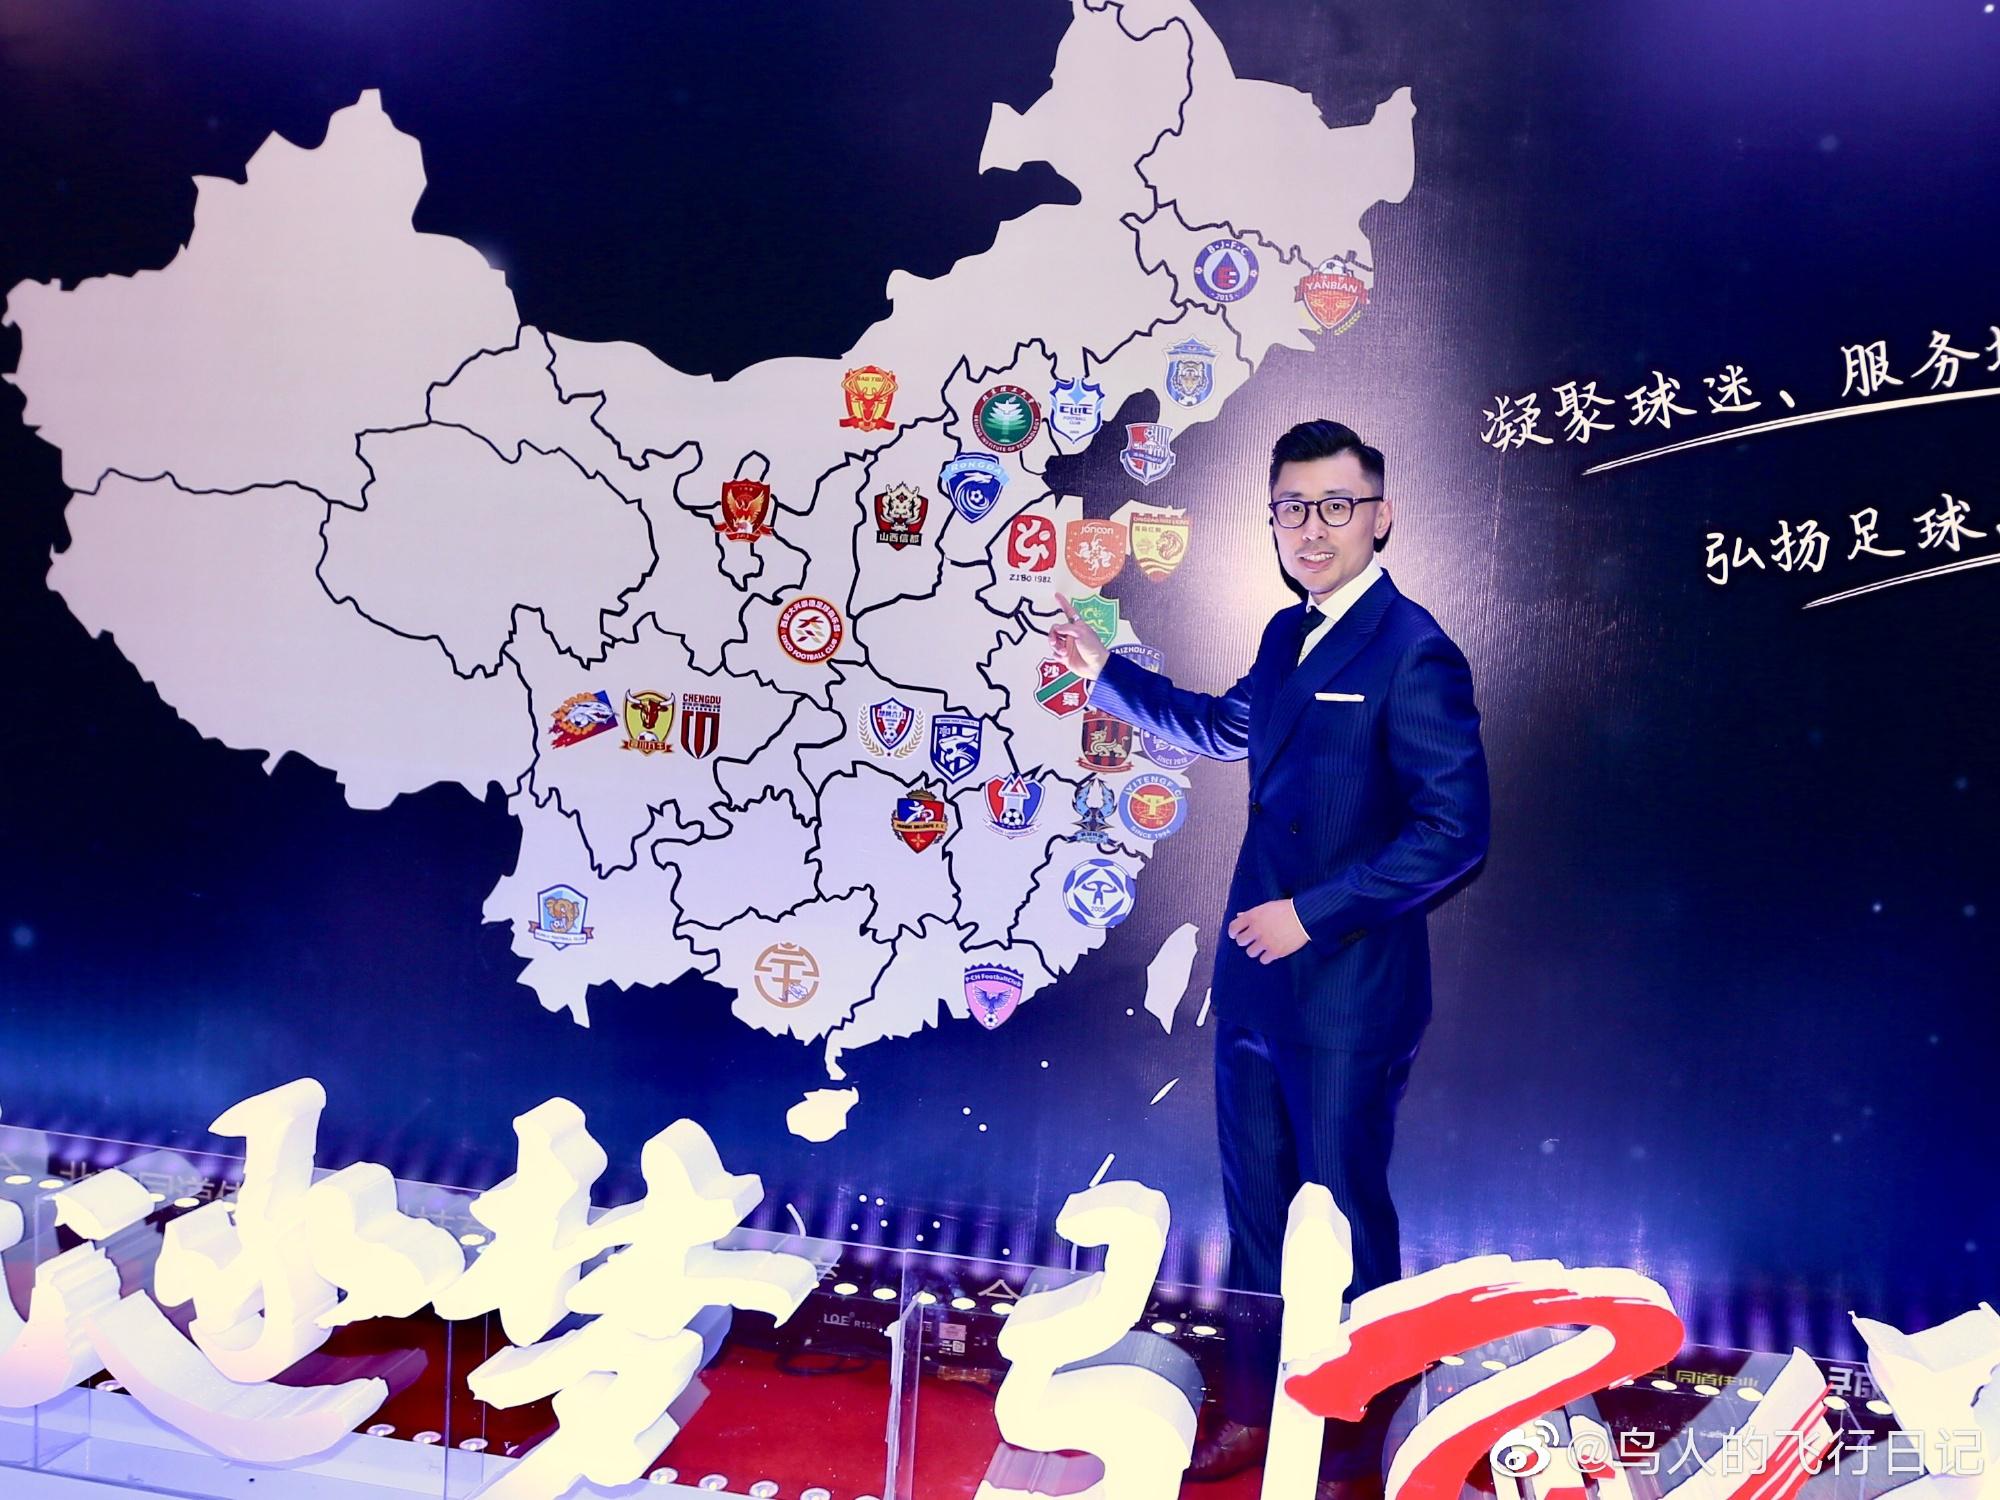 淄博官方:因不当言论造成恶劣影响,免去赵鹏职务